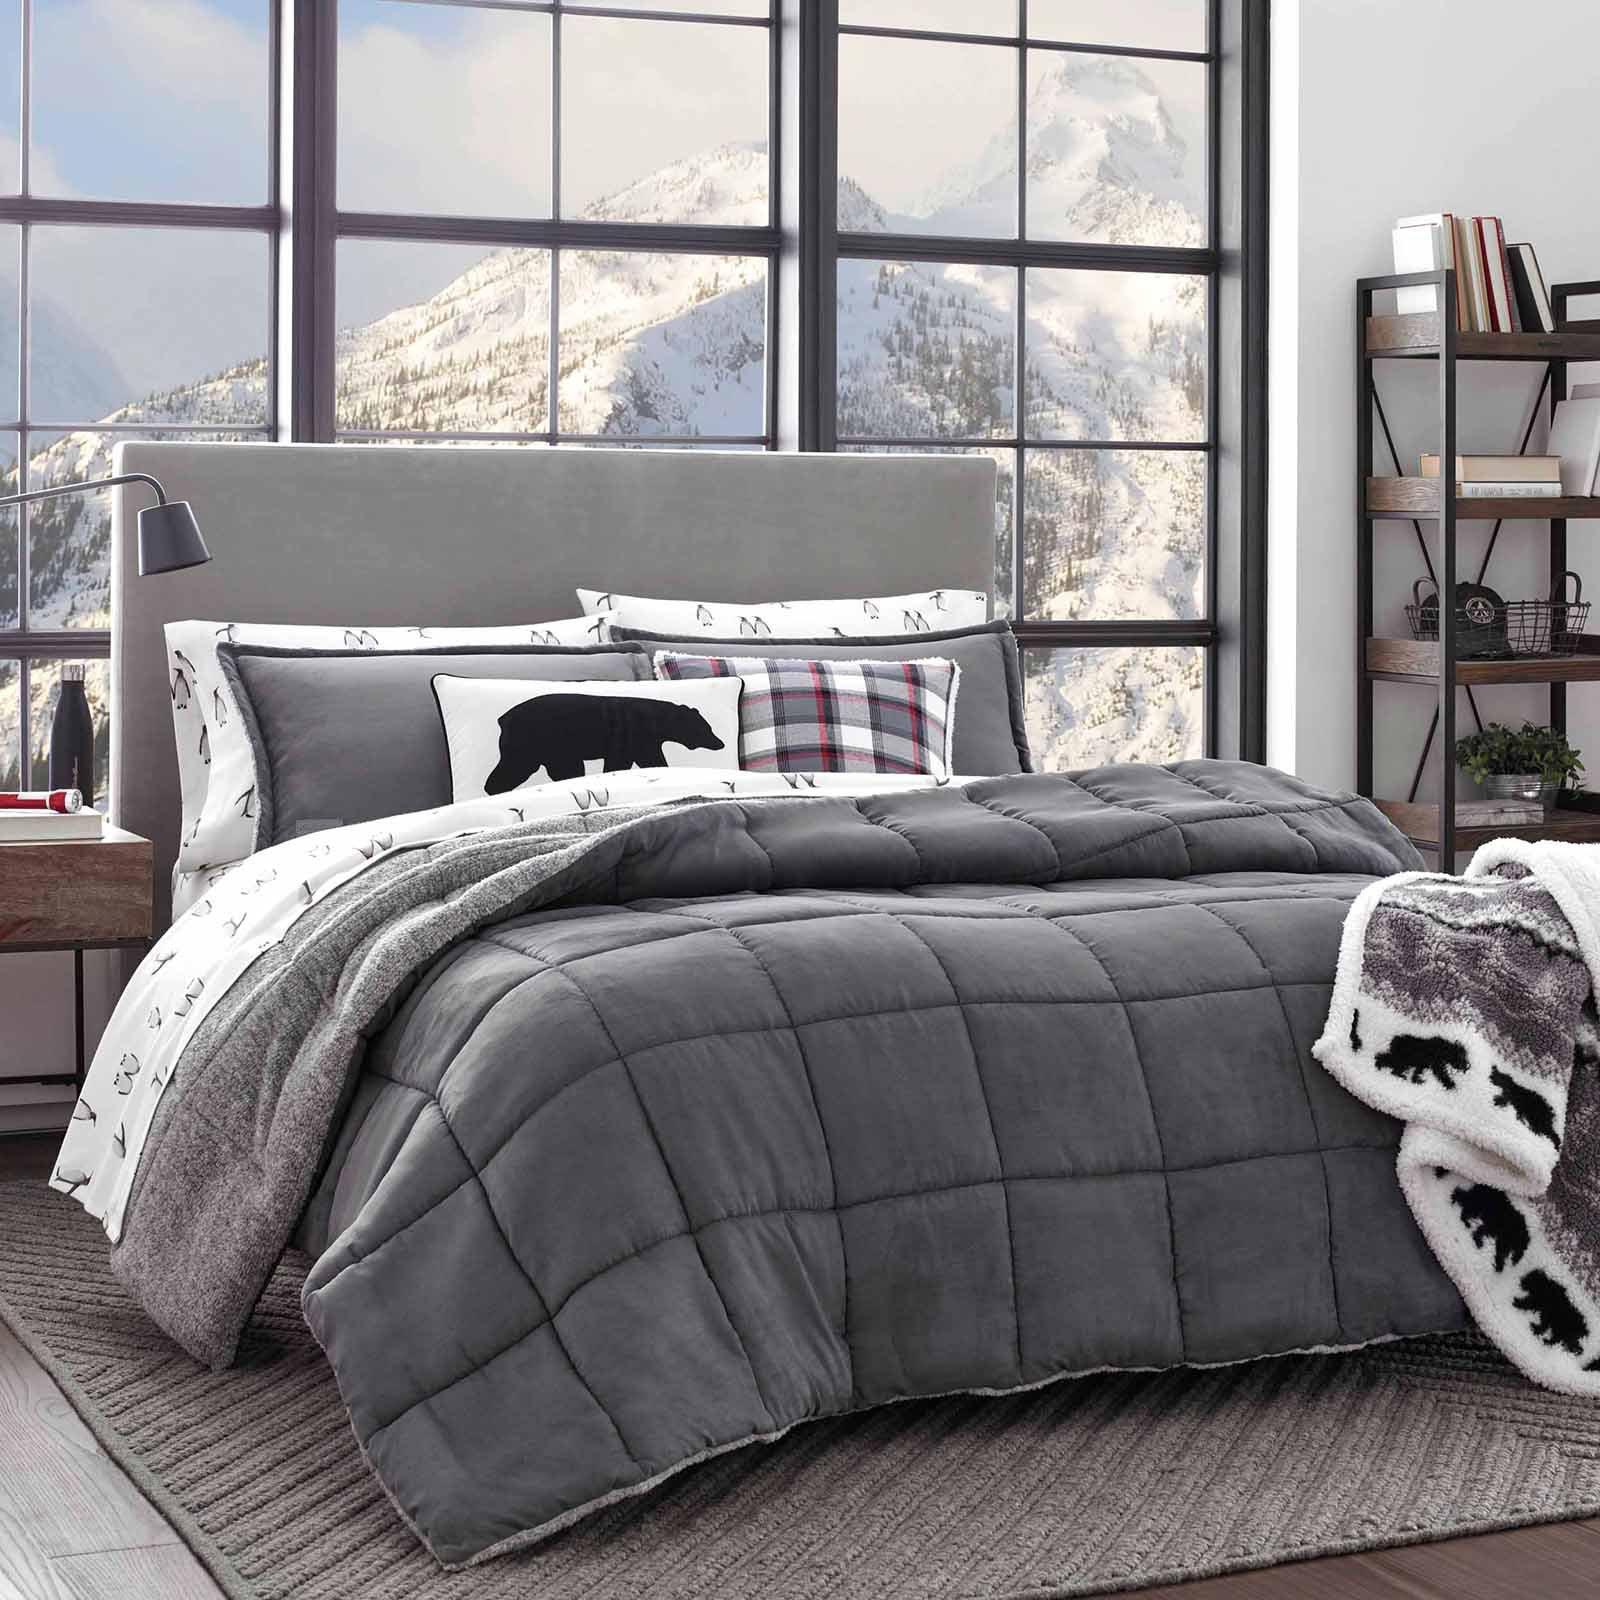 Sherwood Reversible Comforter Set By Eddie Bauer Size King